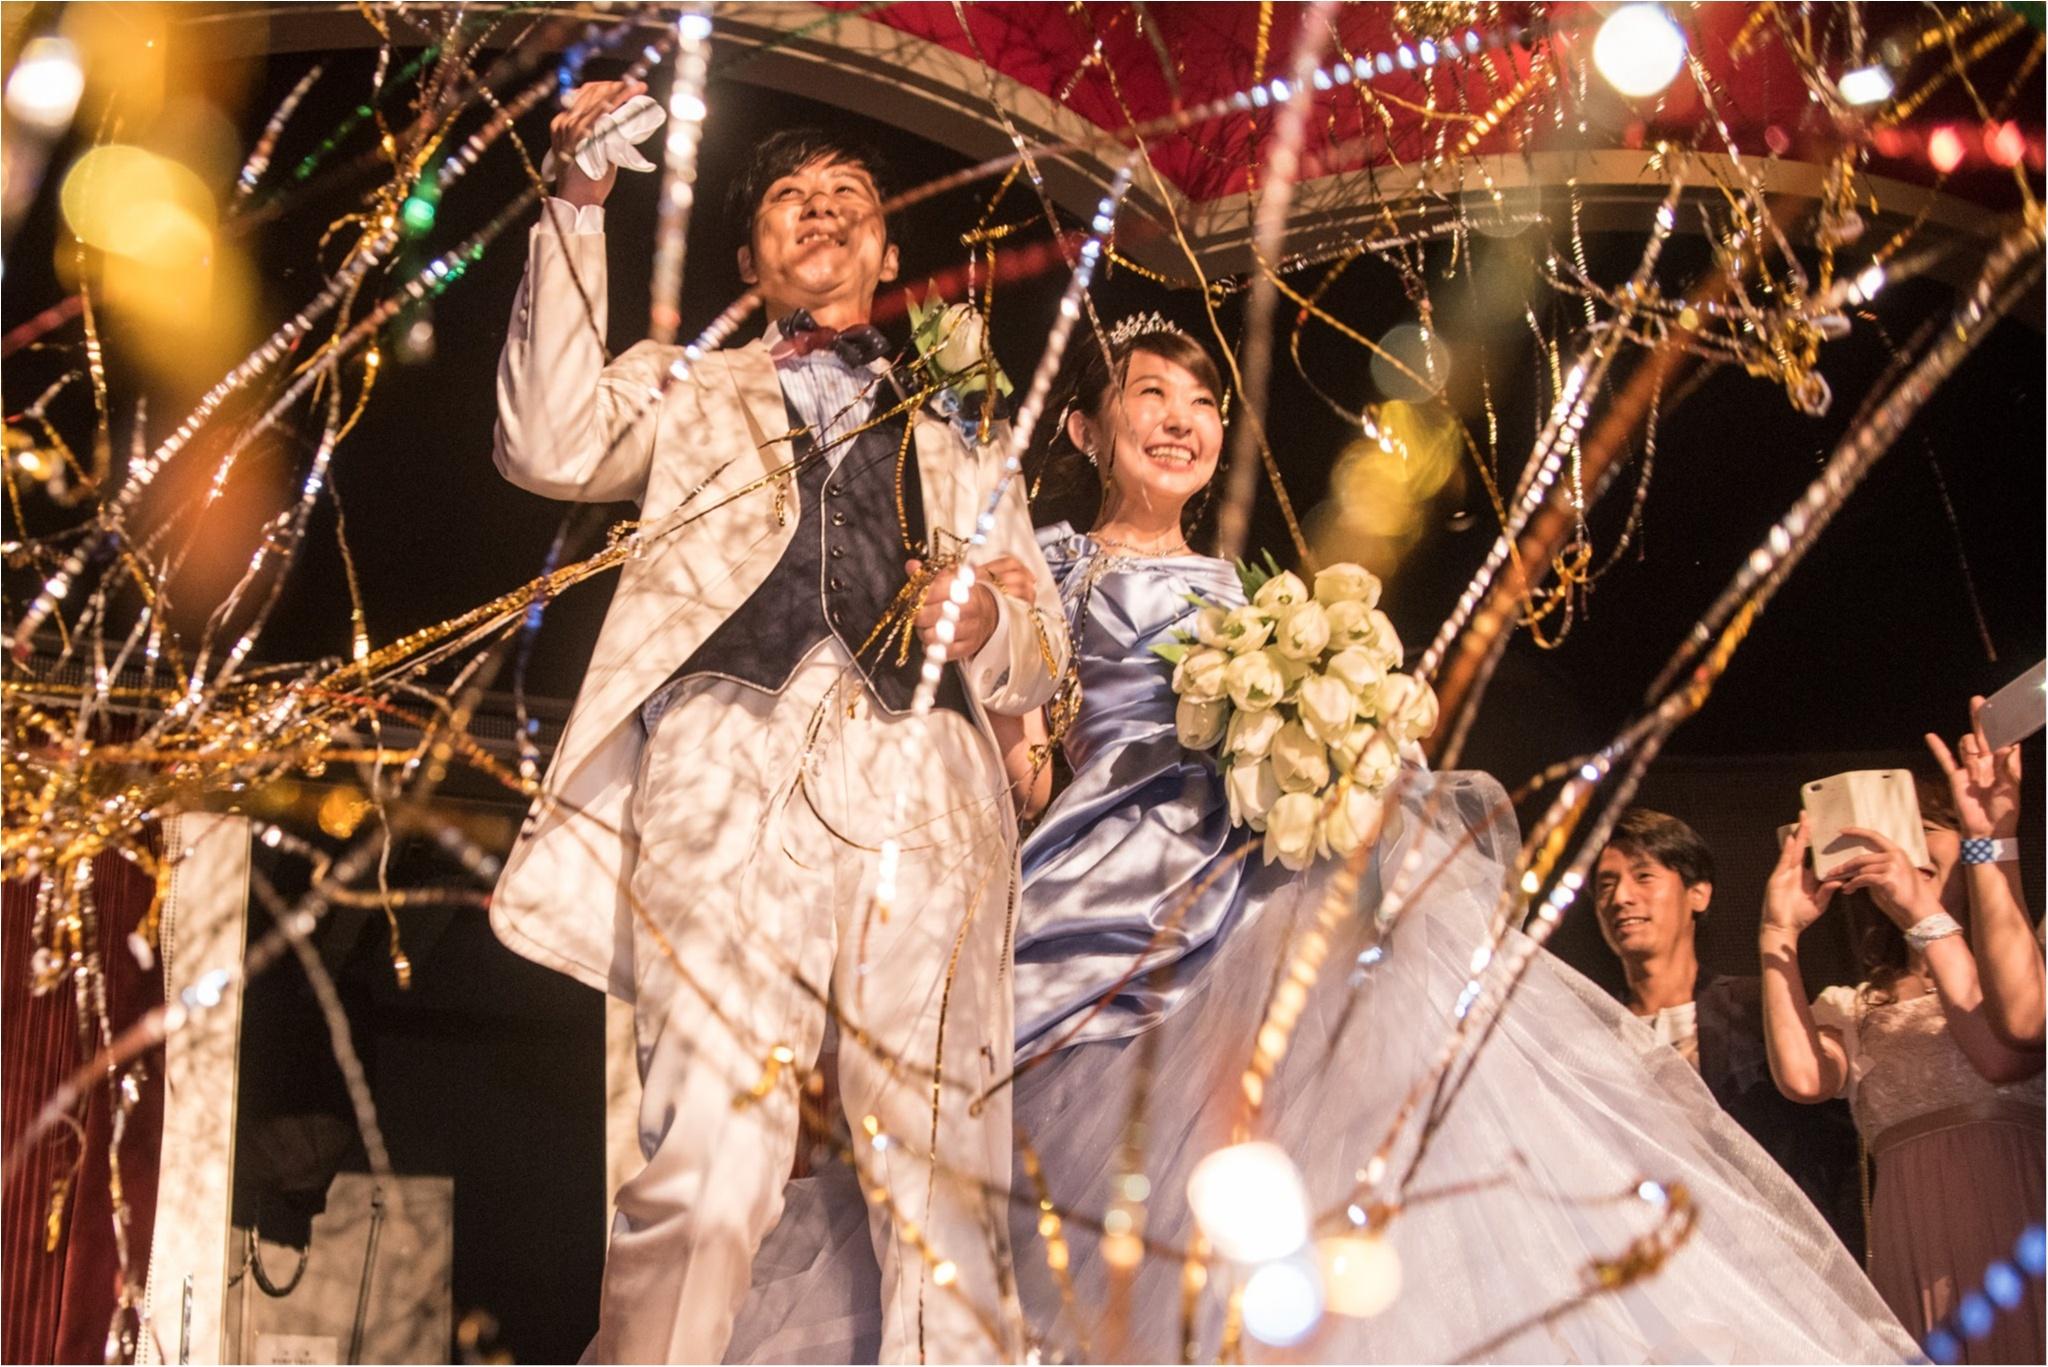 ー前半ー【総勢281人!モアハピ部も参加してくれました】花道ある会場でみんなと共に思い出に残るステージに #さち婚 _7